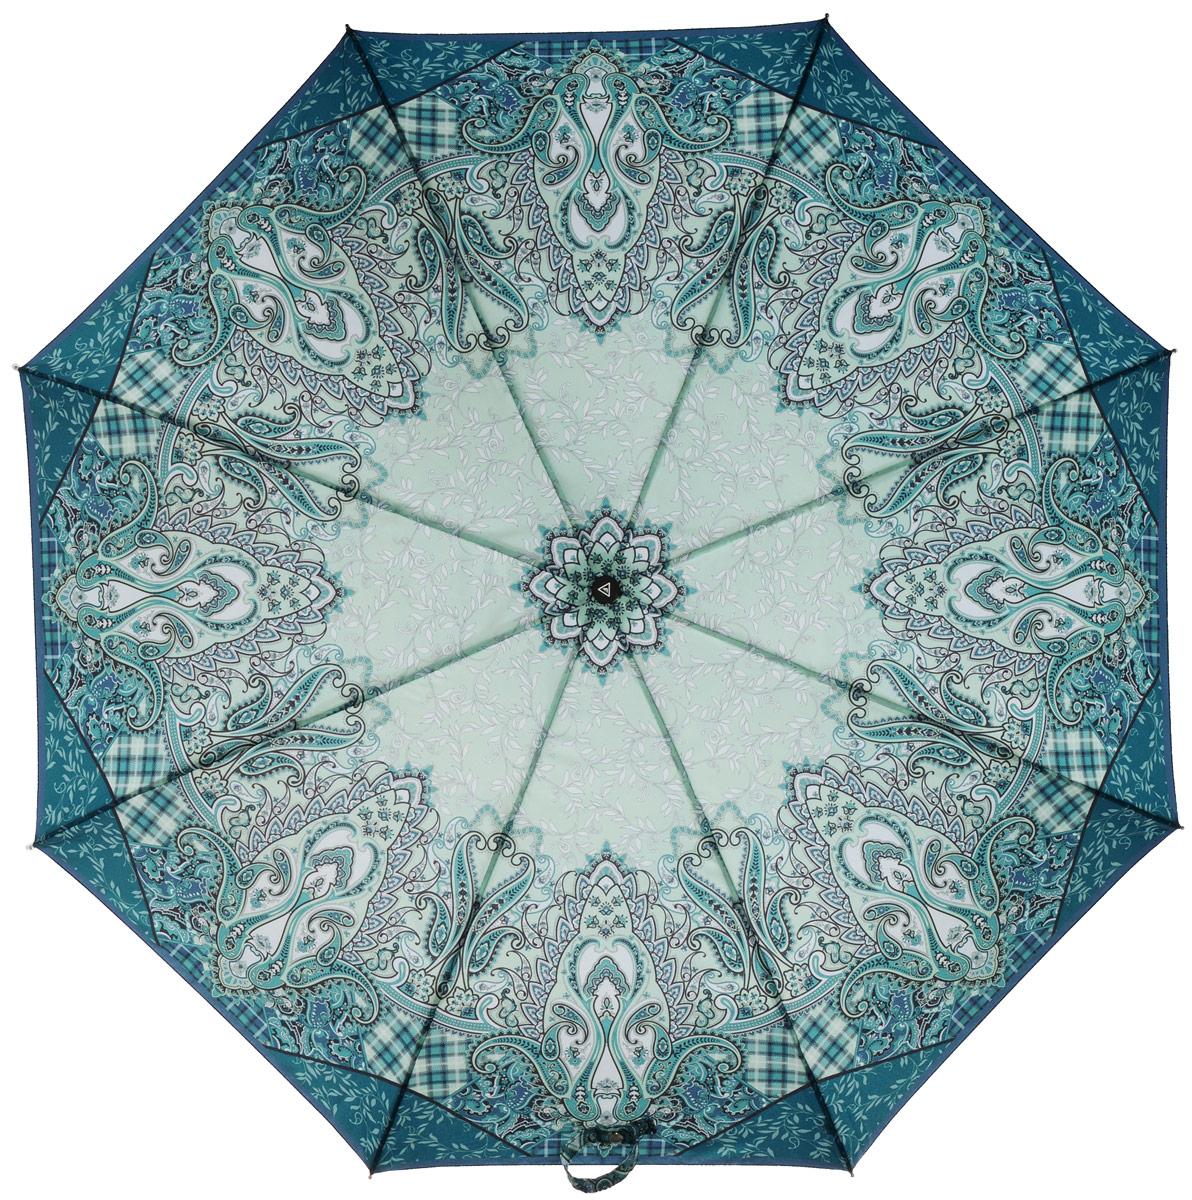 Зонт женский Fabretti, автомат, 3 сложения, цвет: мультиколор. L-16102-4L-16102-4Зонт женский Fabretti, облегченный суперавтомат, 3 сложения.Превосходный зонт красочной расцветки. Незаменимый аксессуар на дождливую погоду.